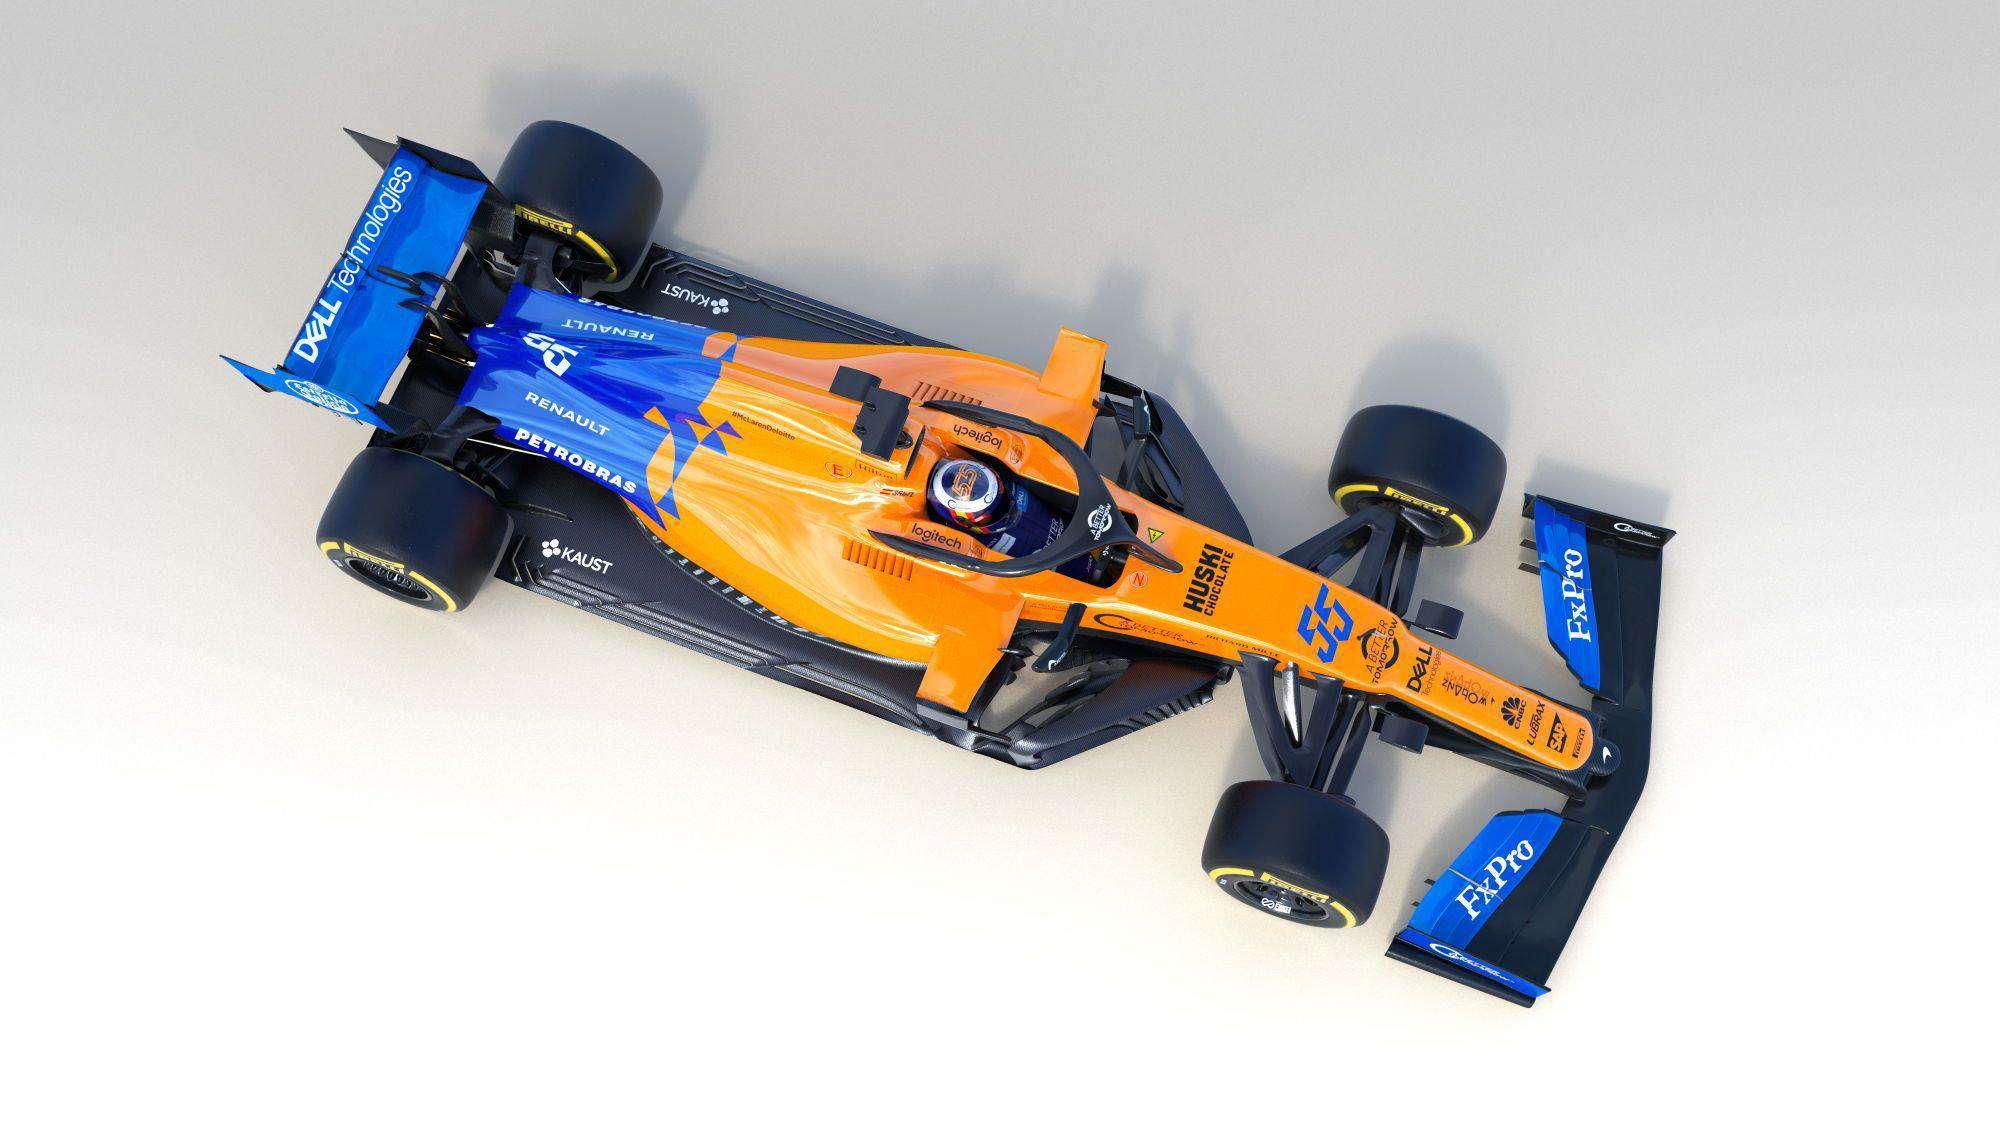 2019 McLaren MCL34 studio photo top Sainz Photo McLaren